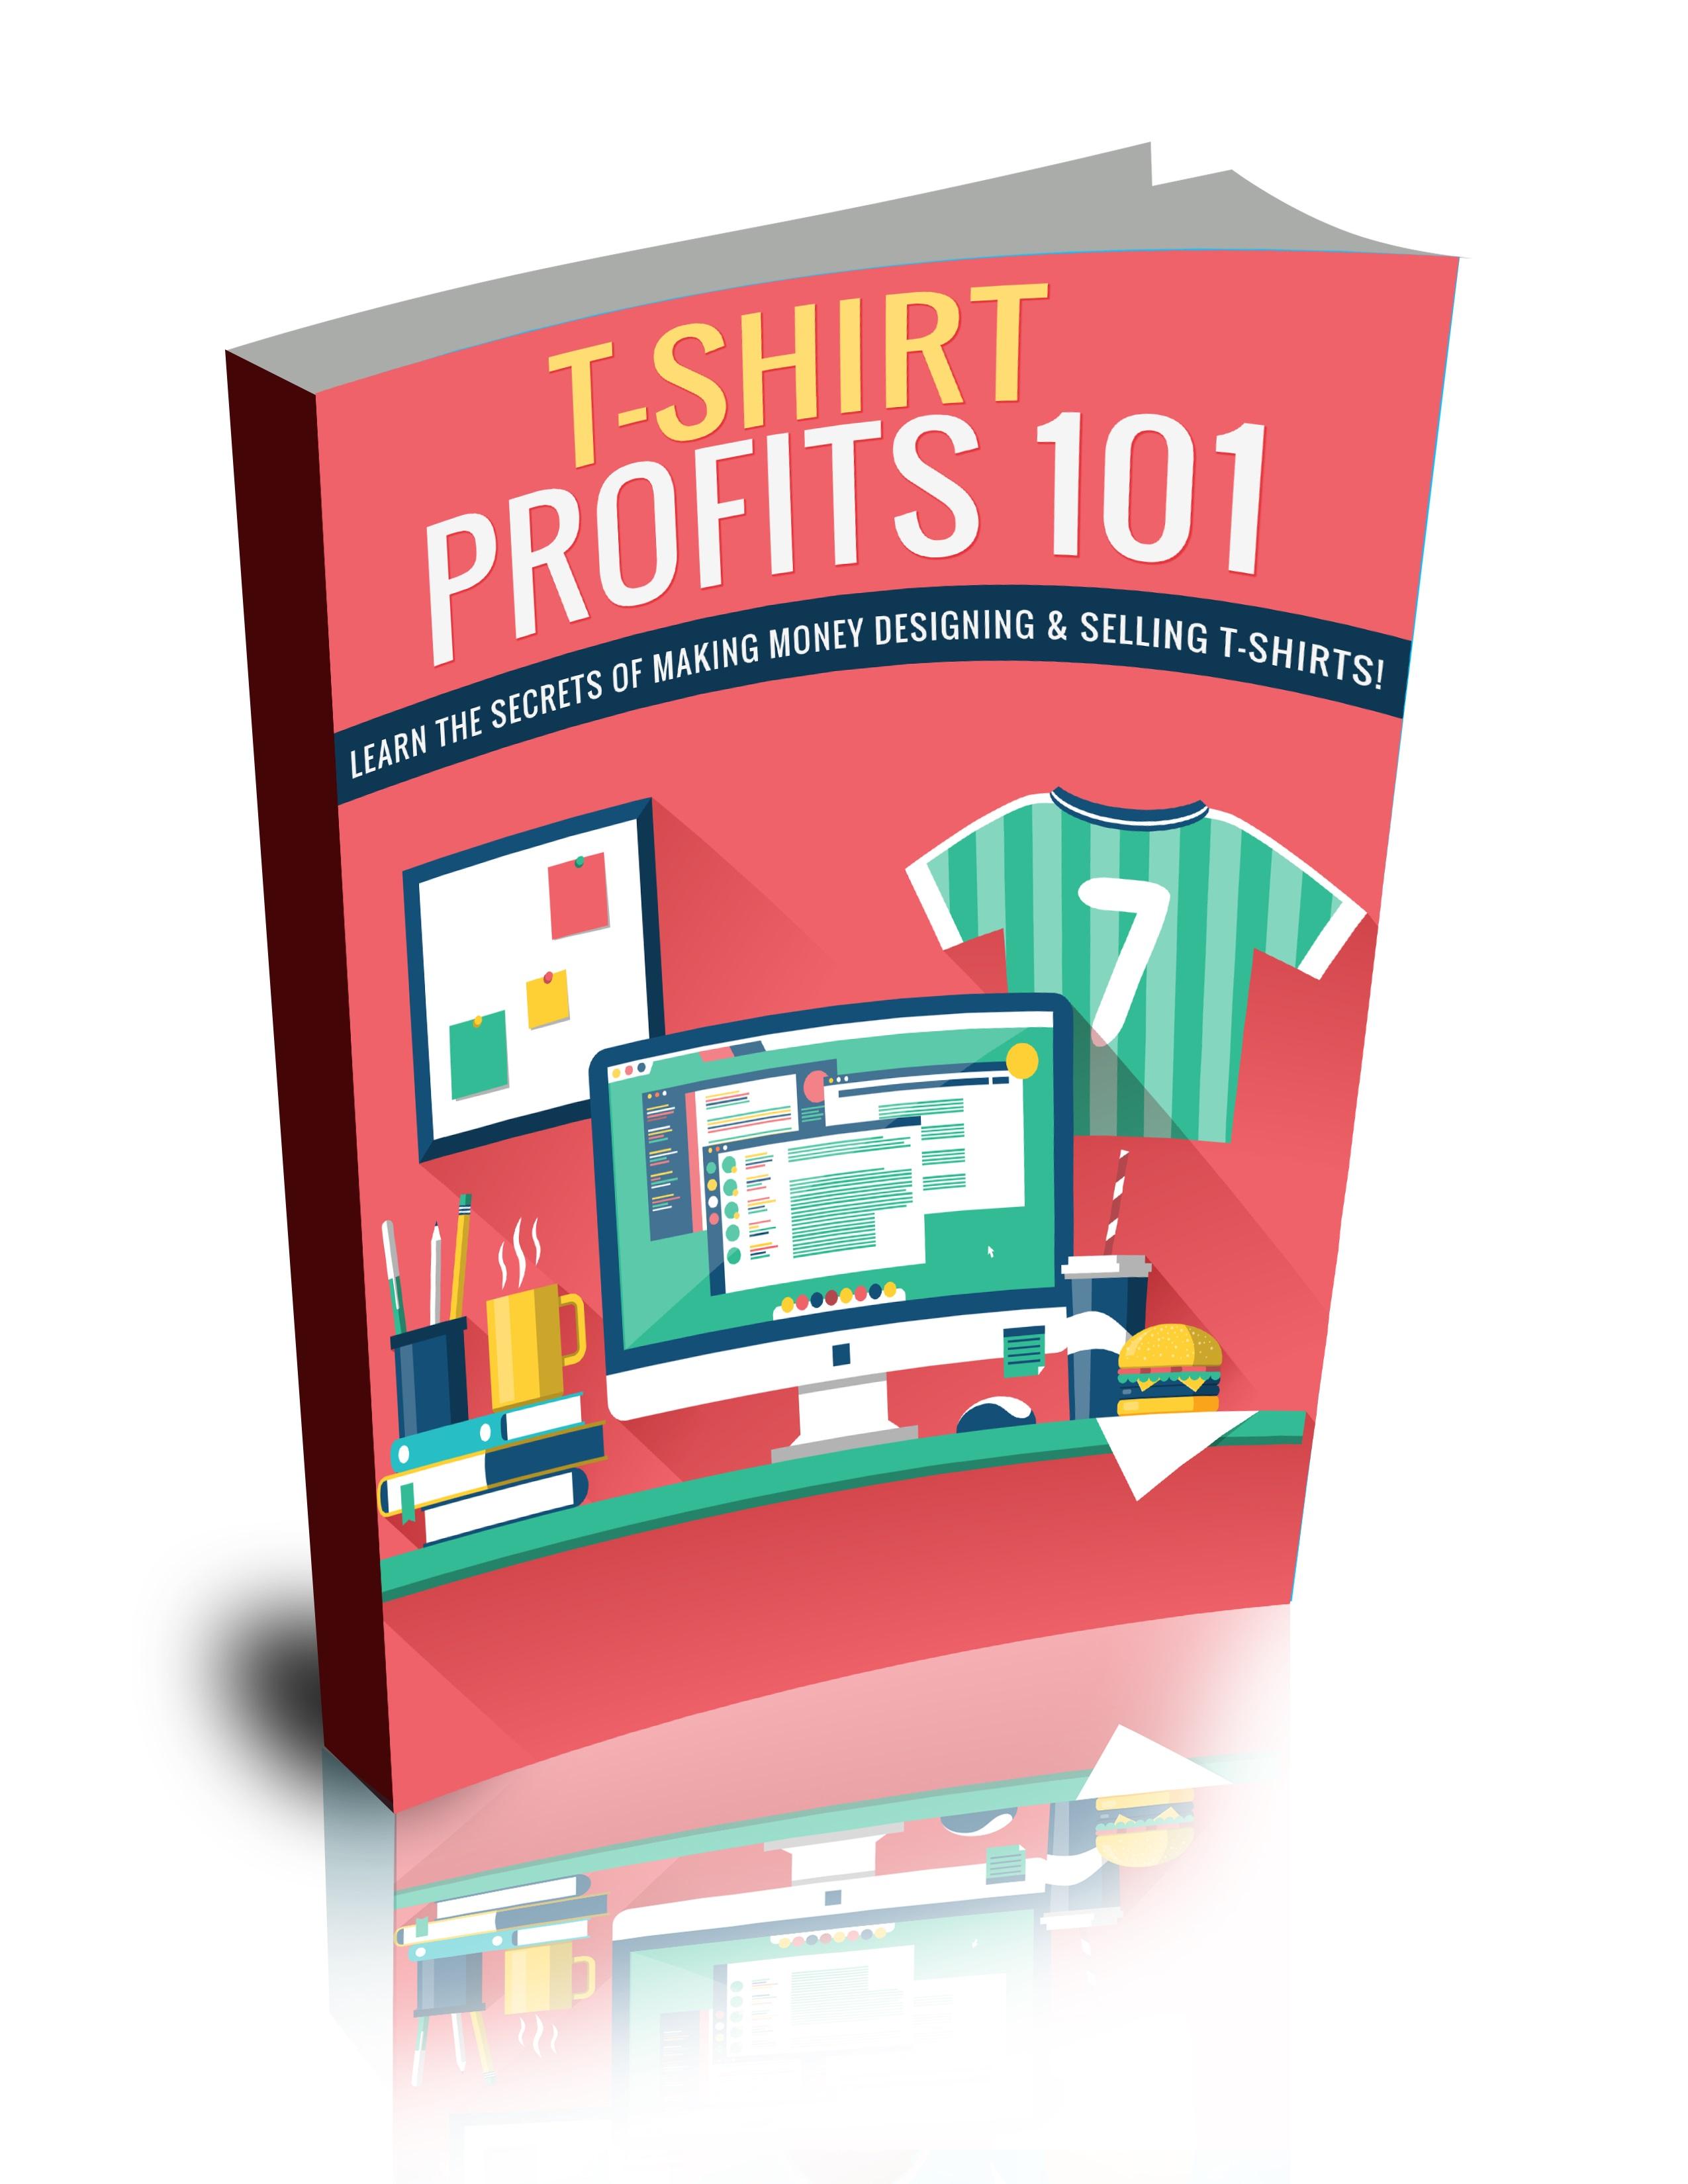 TShirt Profits 101 Package